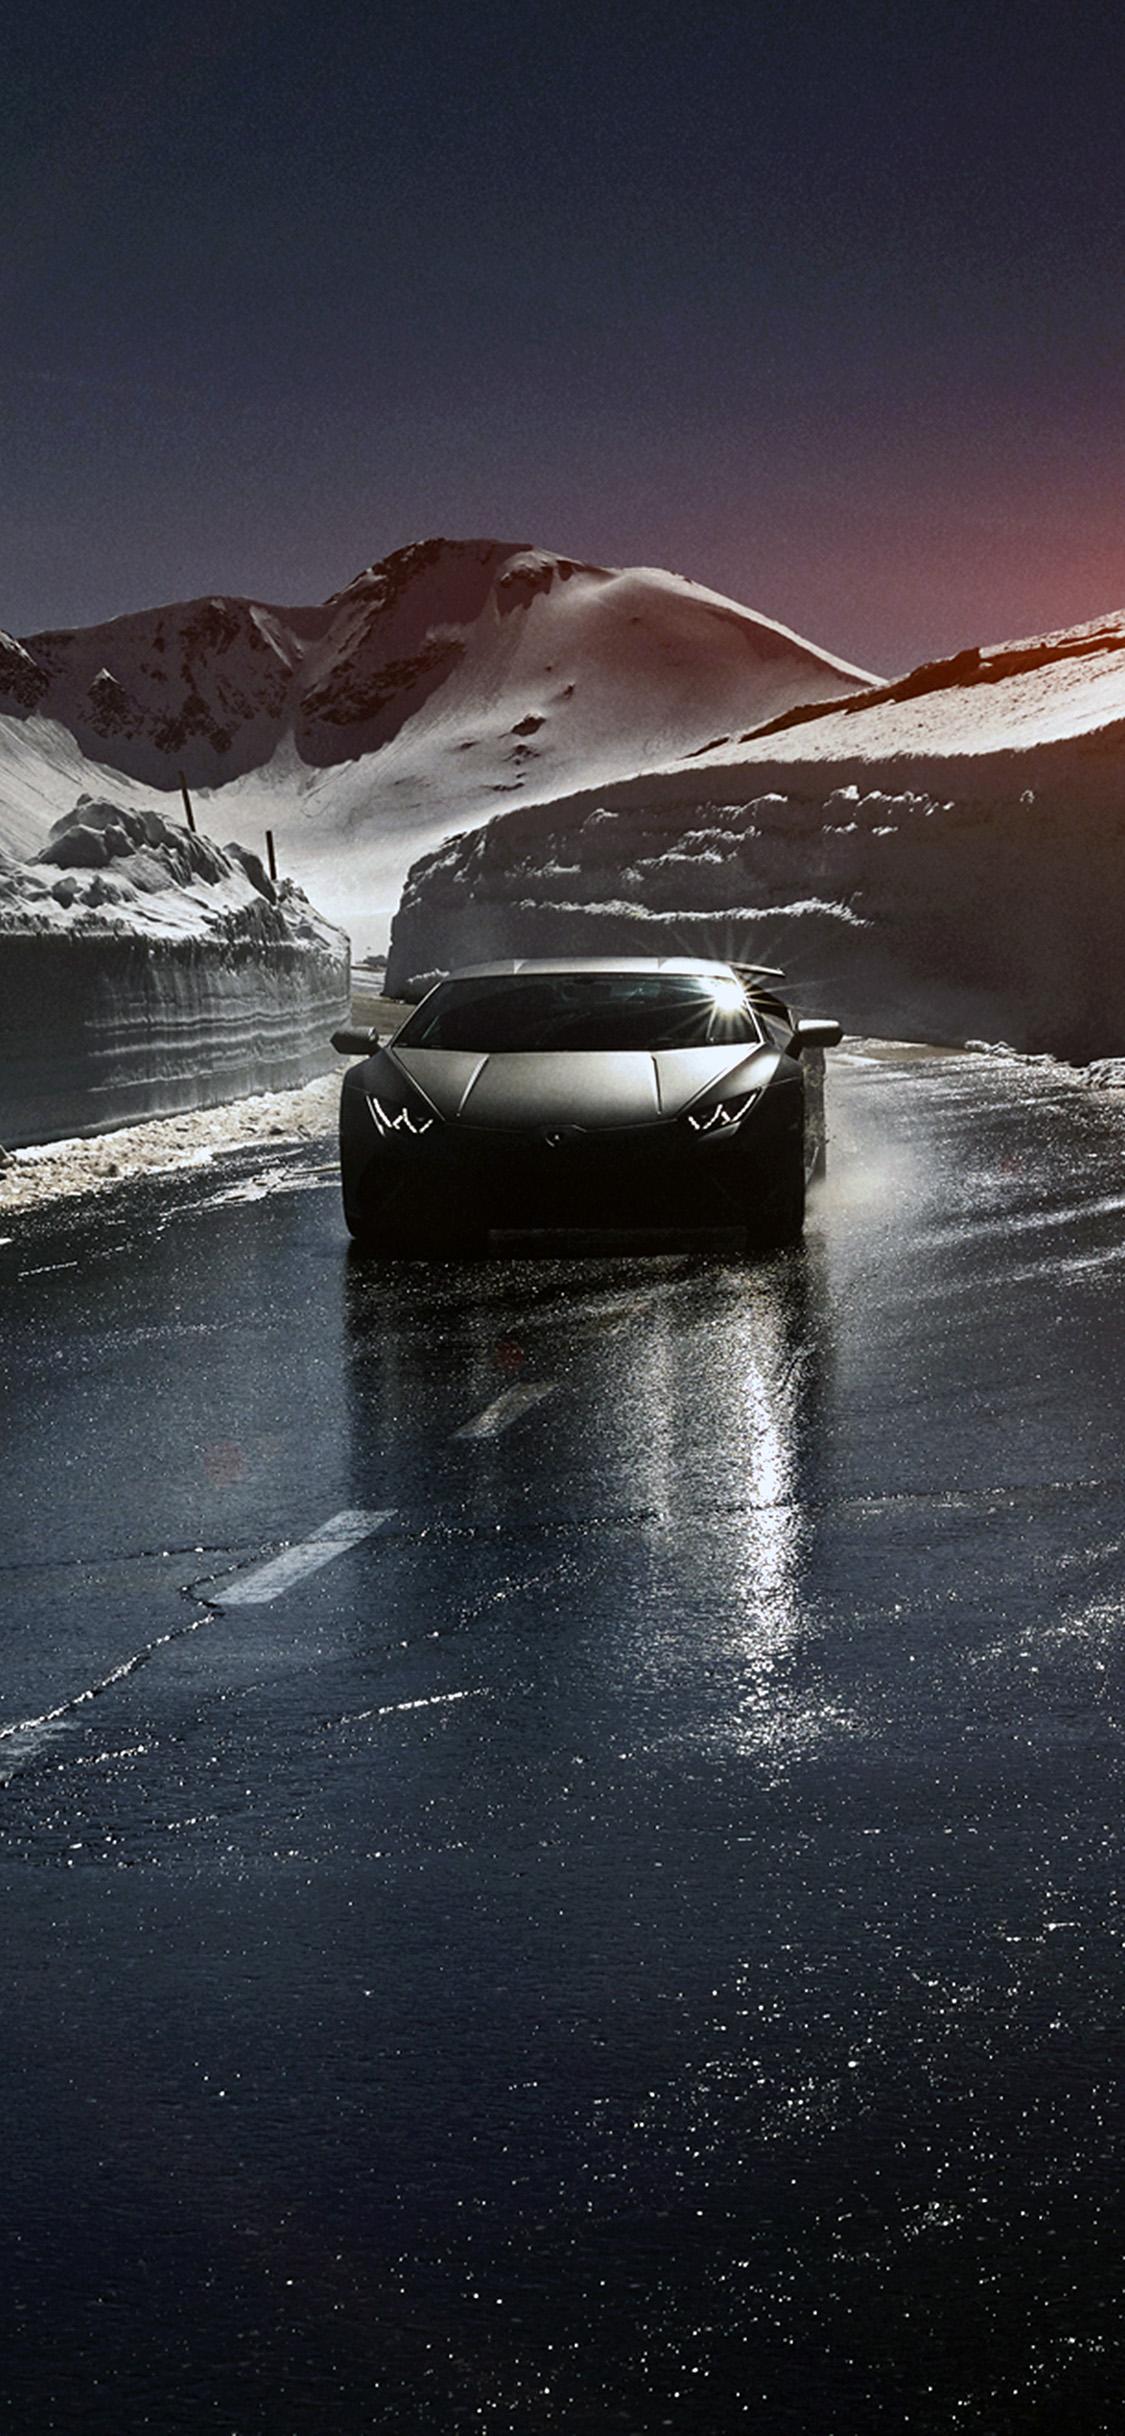 iPhonexpapers.com-Apple-iPhone-wallpaper-bg86-car-lamborghini-car-dark-road-drive-art-winter